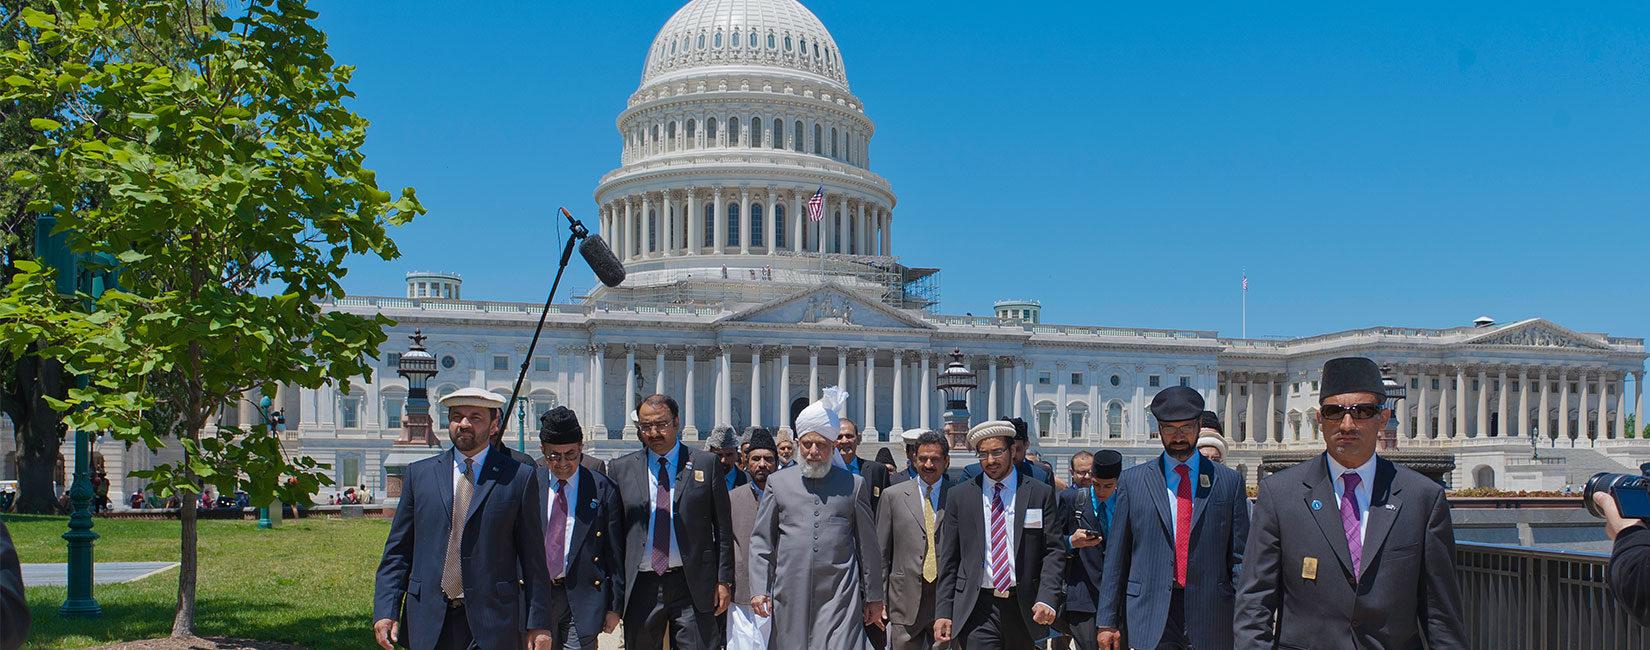 Fjalimi i Kalifit të Xhematit Ahmedia në Capitol Hill | Marrëdhëniet e drejta midis shteteve është rruga drejt paqes